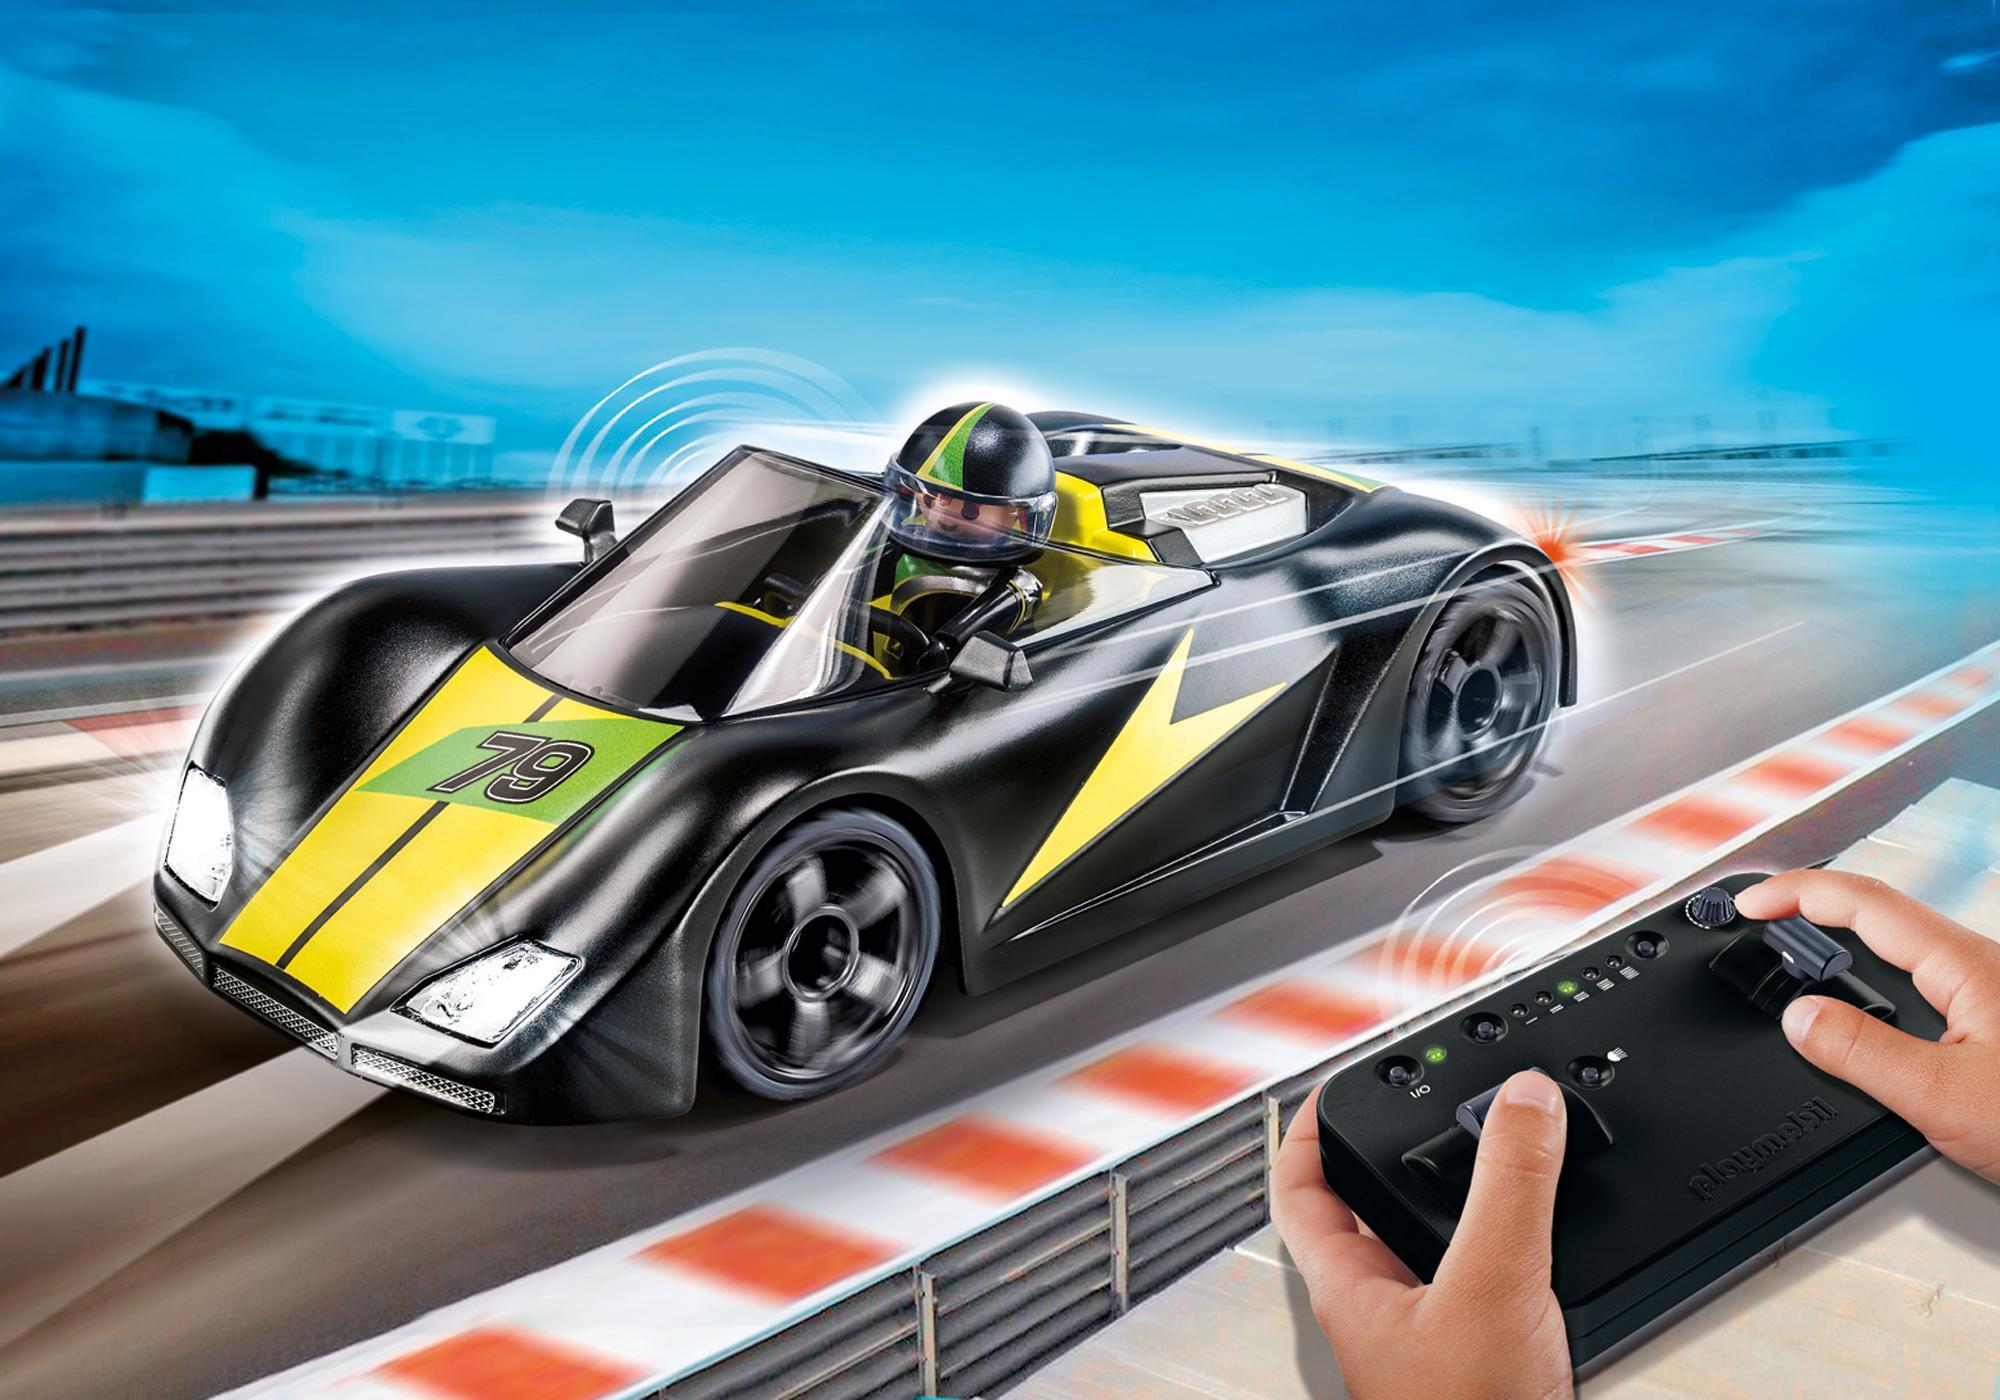 http://media.playmobil.com/i/playmobil/9089_product_detail/RC turboracerbil